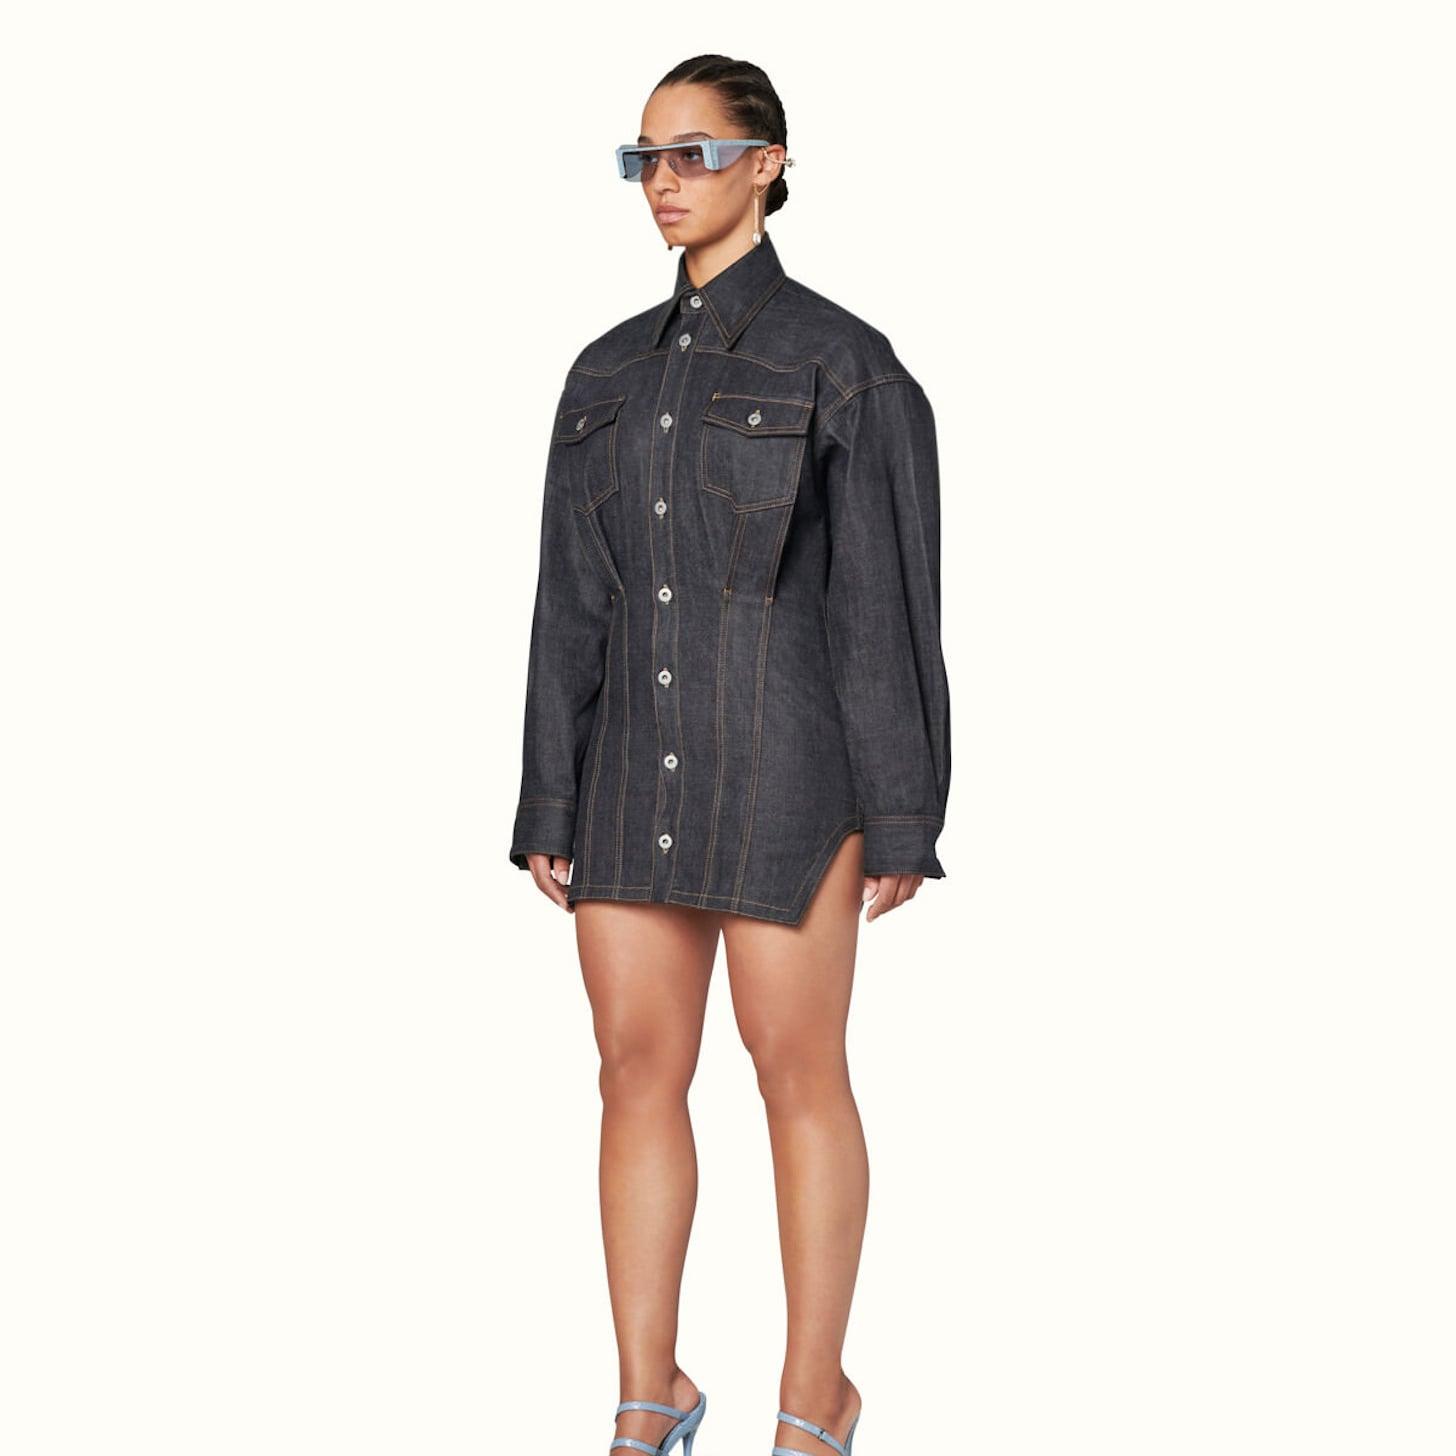 67b816dfbe Rihanna Fenty Fashion Label | POPSUGAR Fashion